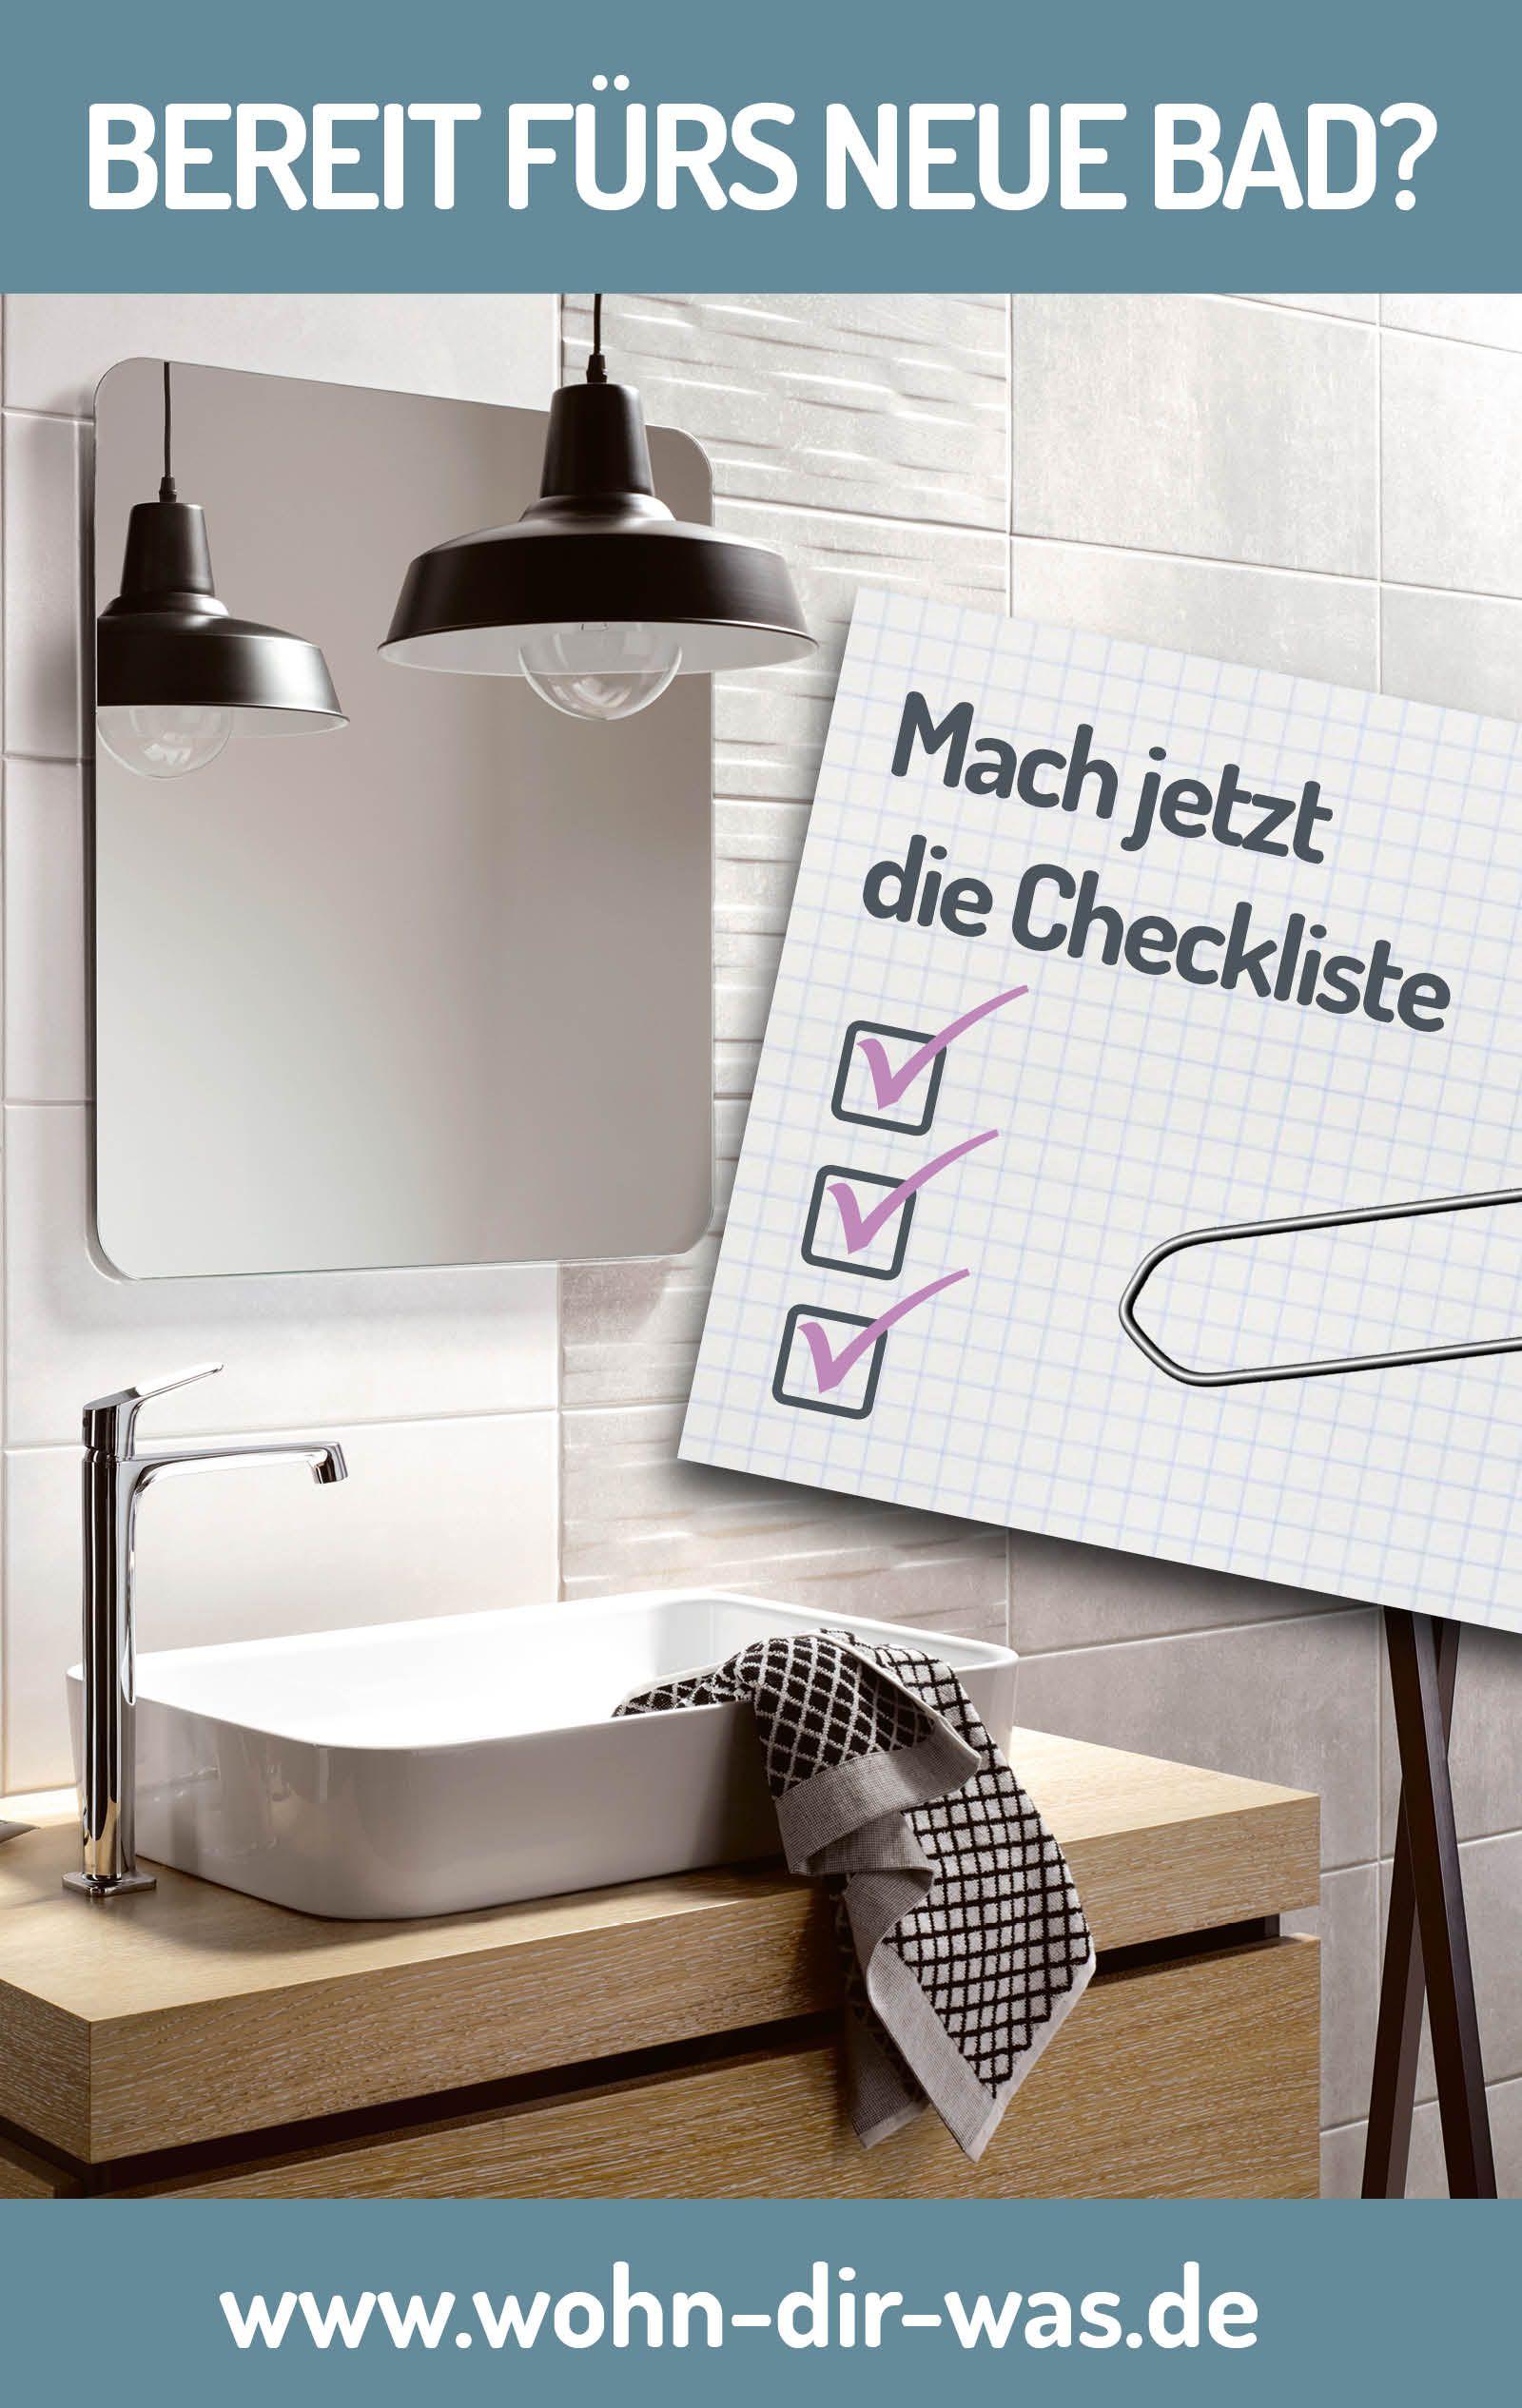 Bereit fürs neue Bad? Checkliste zum sicher sein. | Badezimmer ...